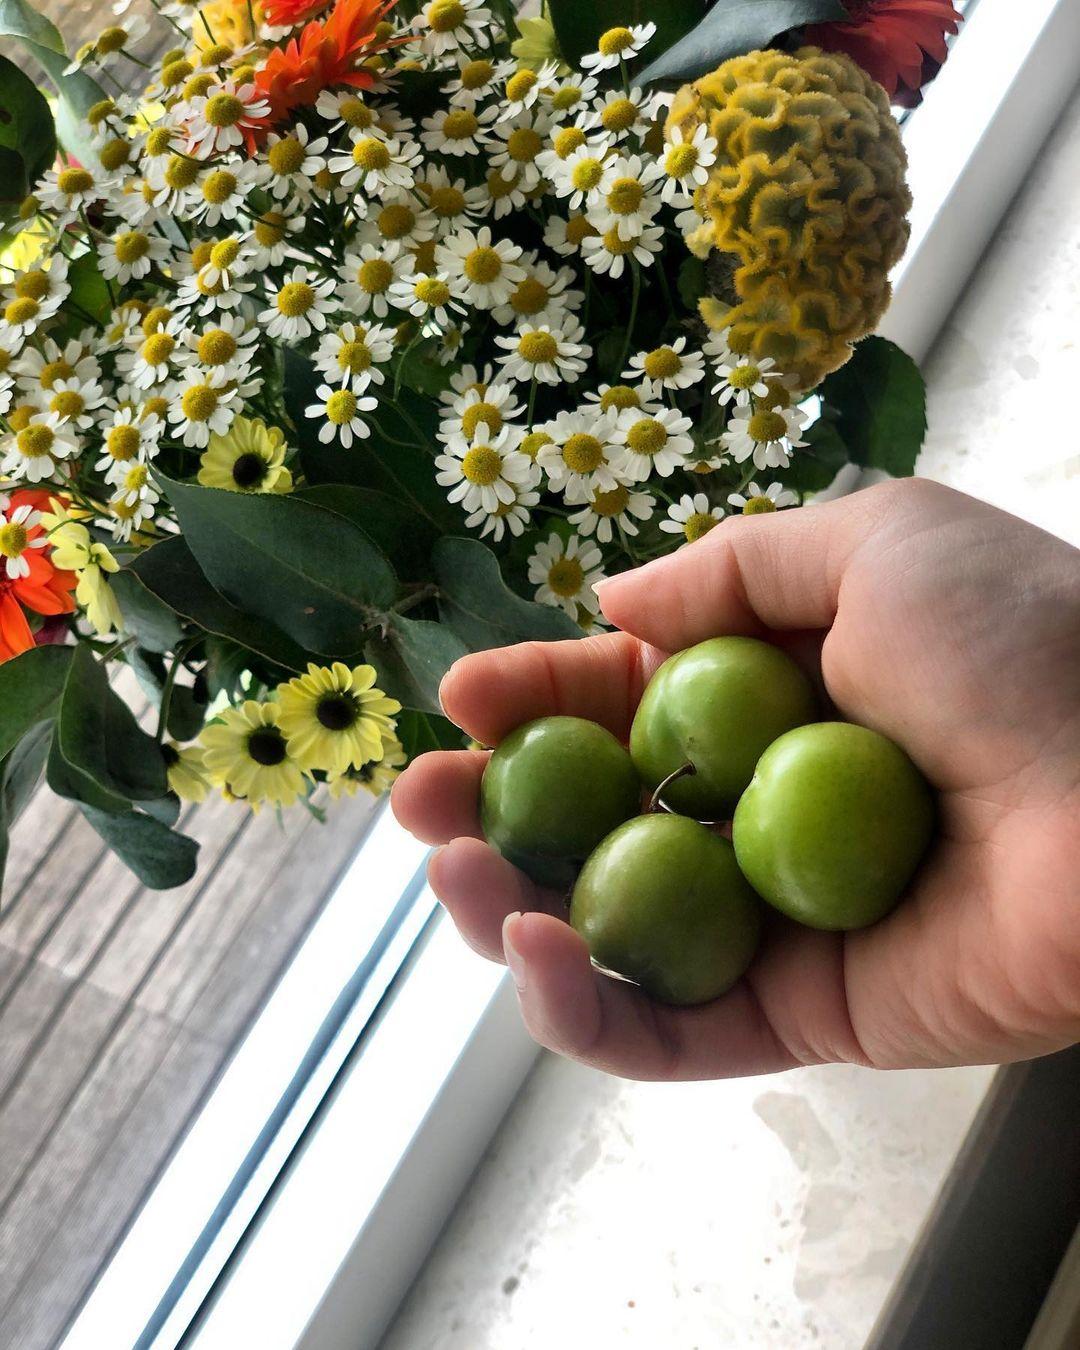 میوه نوبرونه گوجه سبز